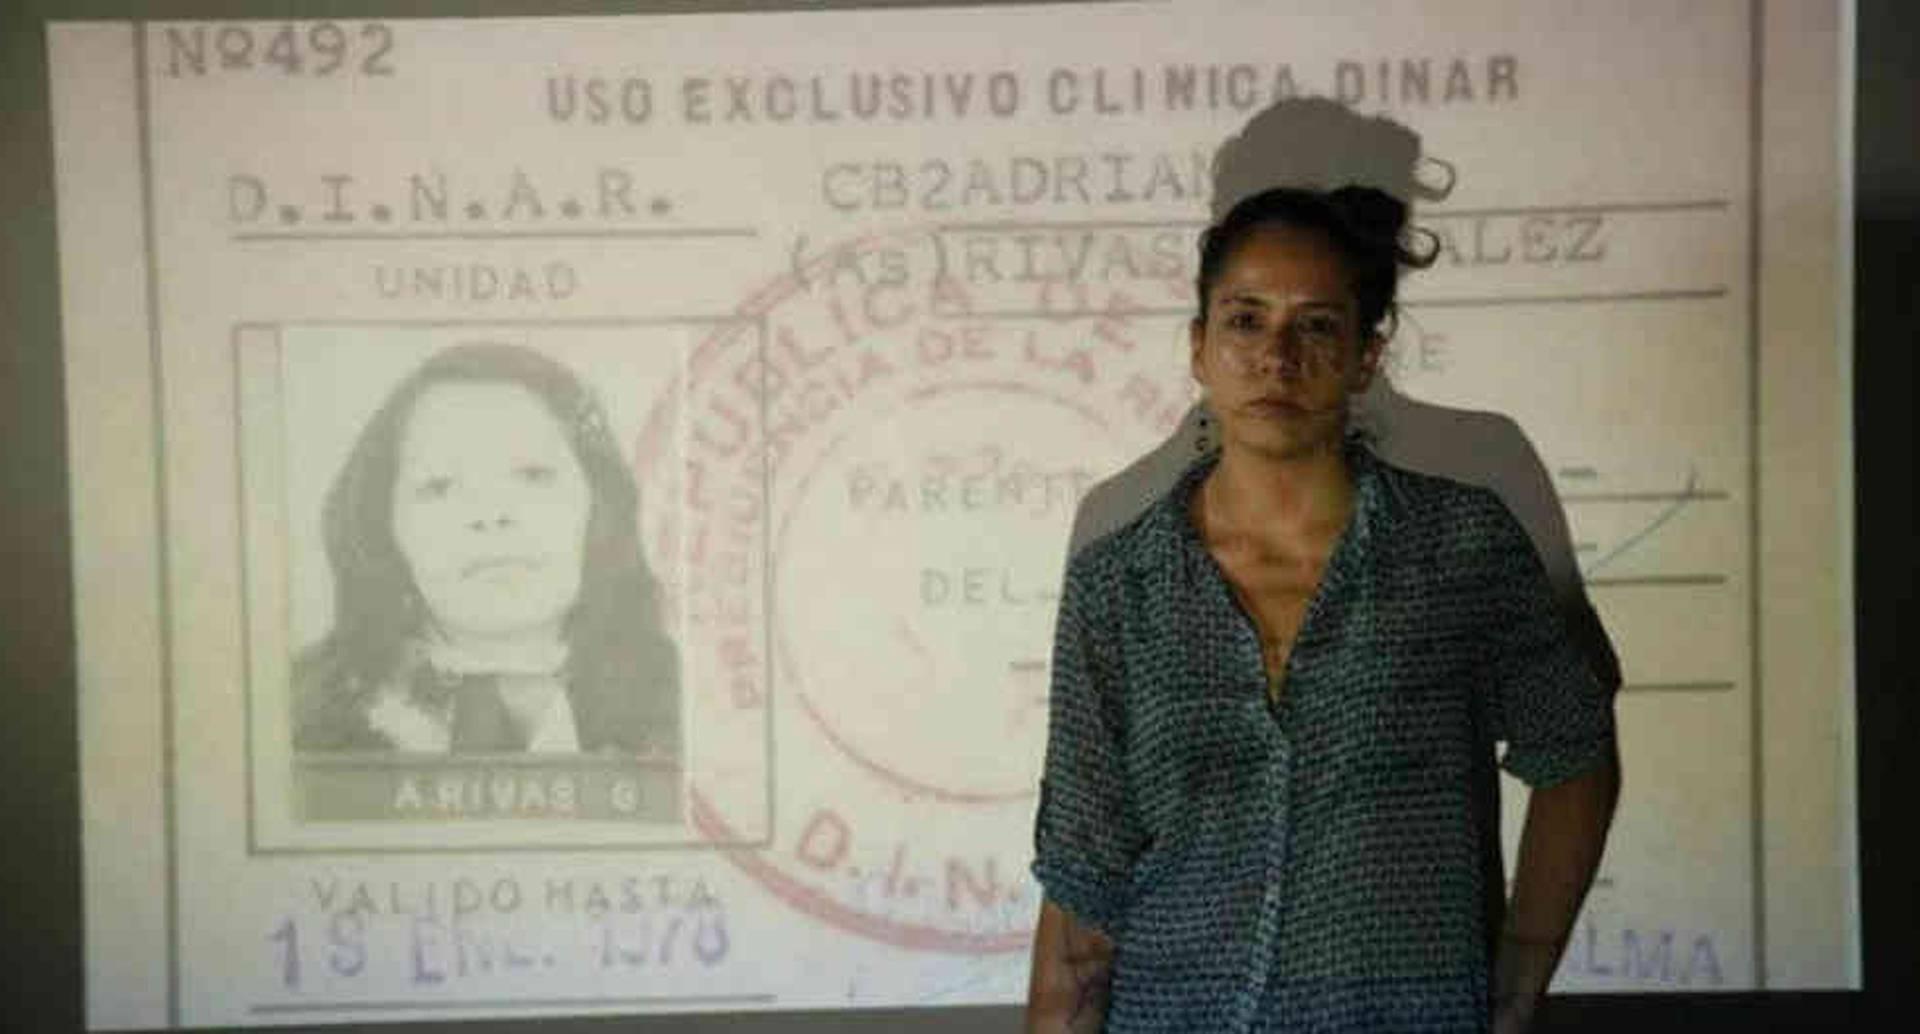 La documentalista Lissette Orozco habló con Semana sobre su experiencia de descubrir que su tía fue una de las mayores cómplices del régimen de Pinochet.